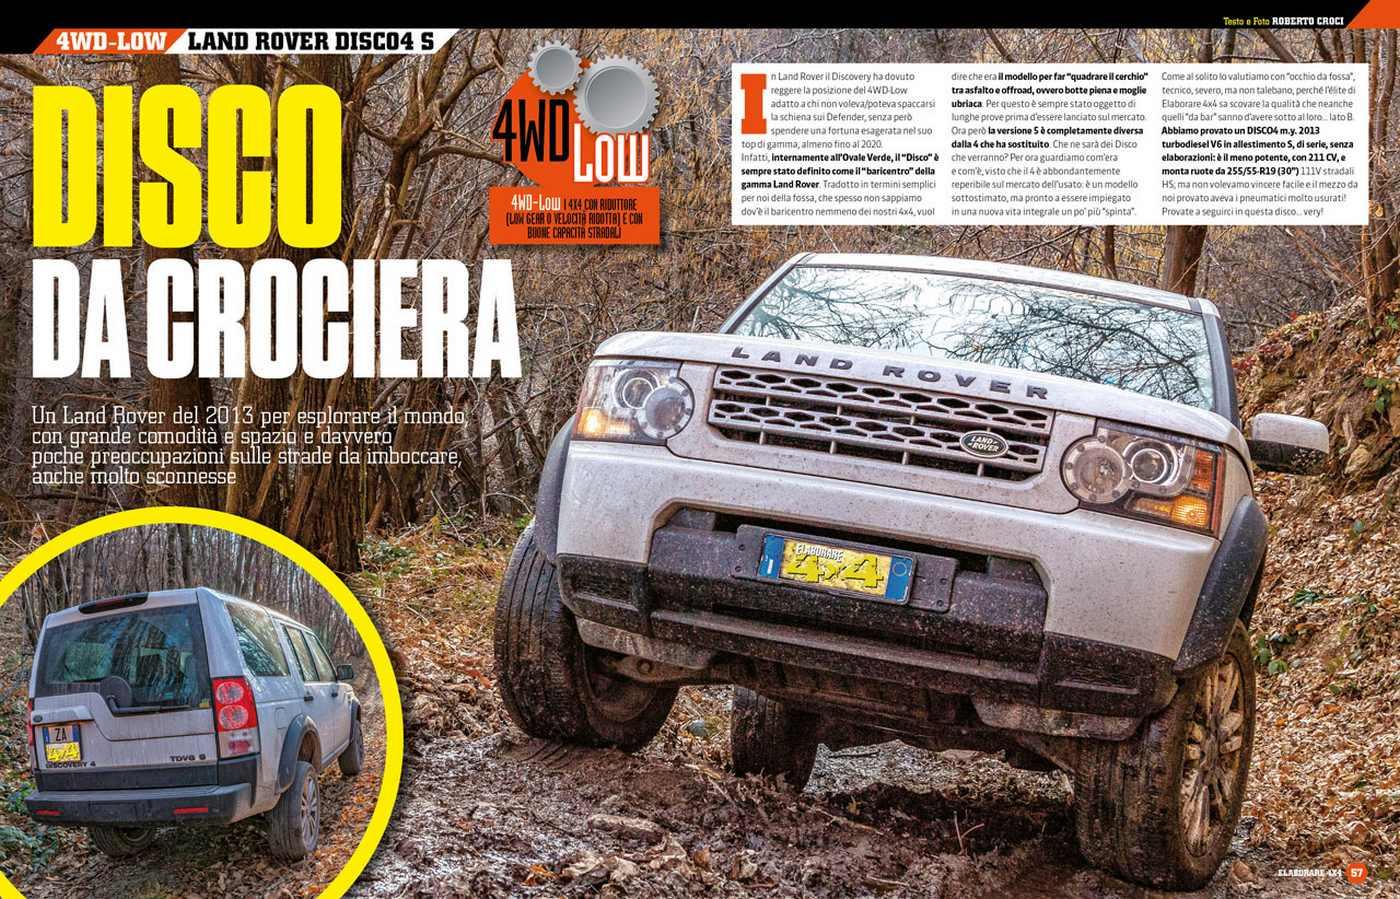 Land Rover Disco4